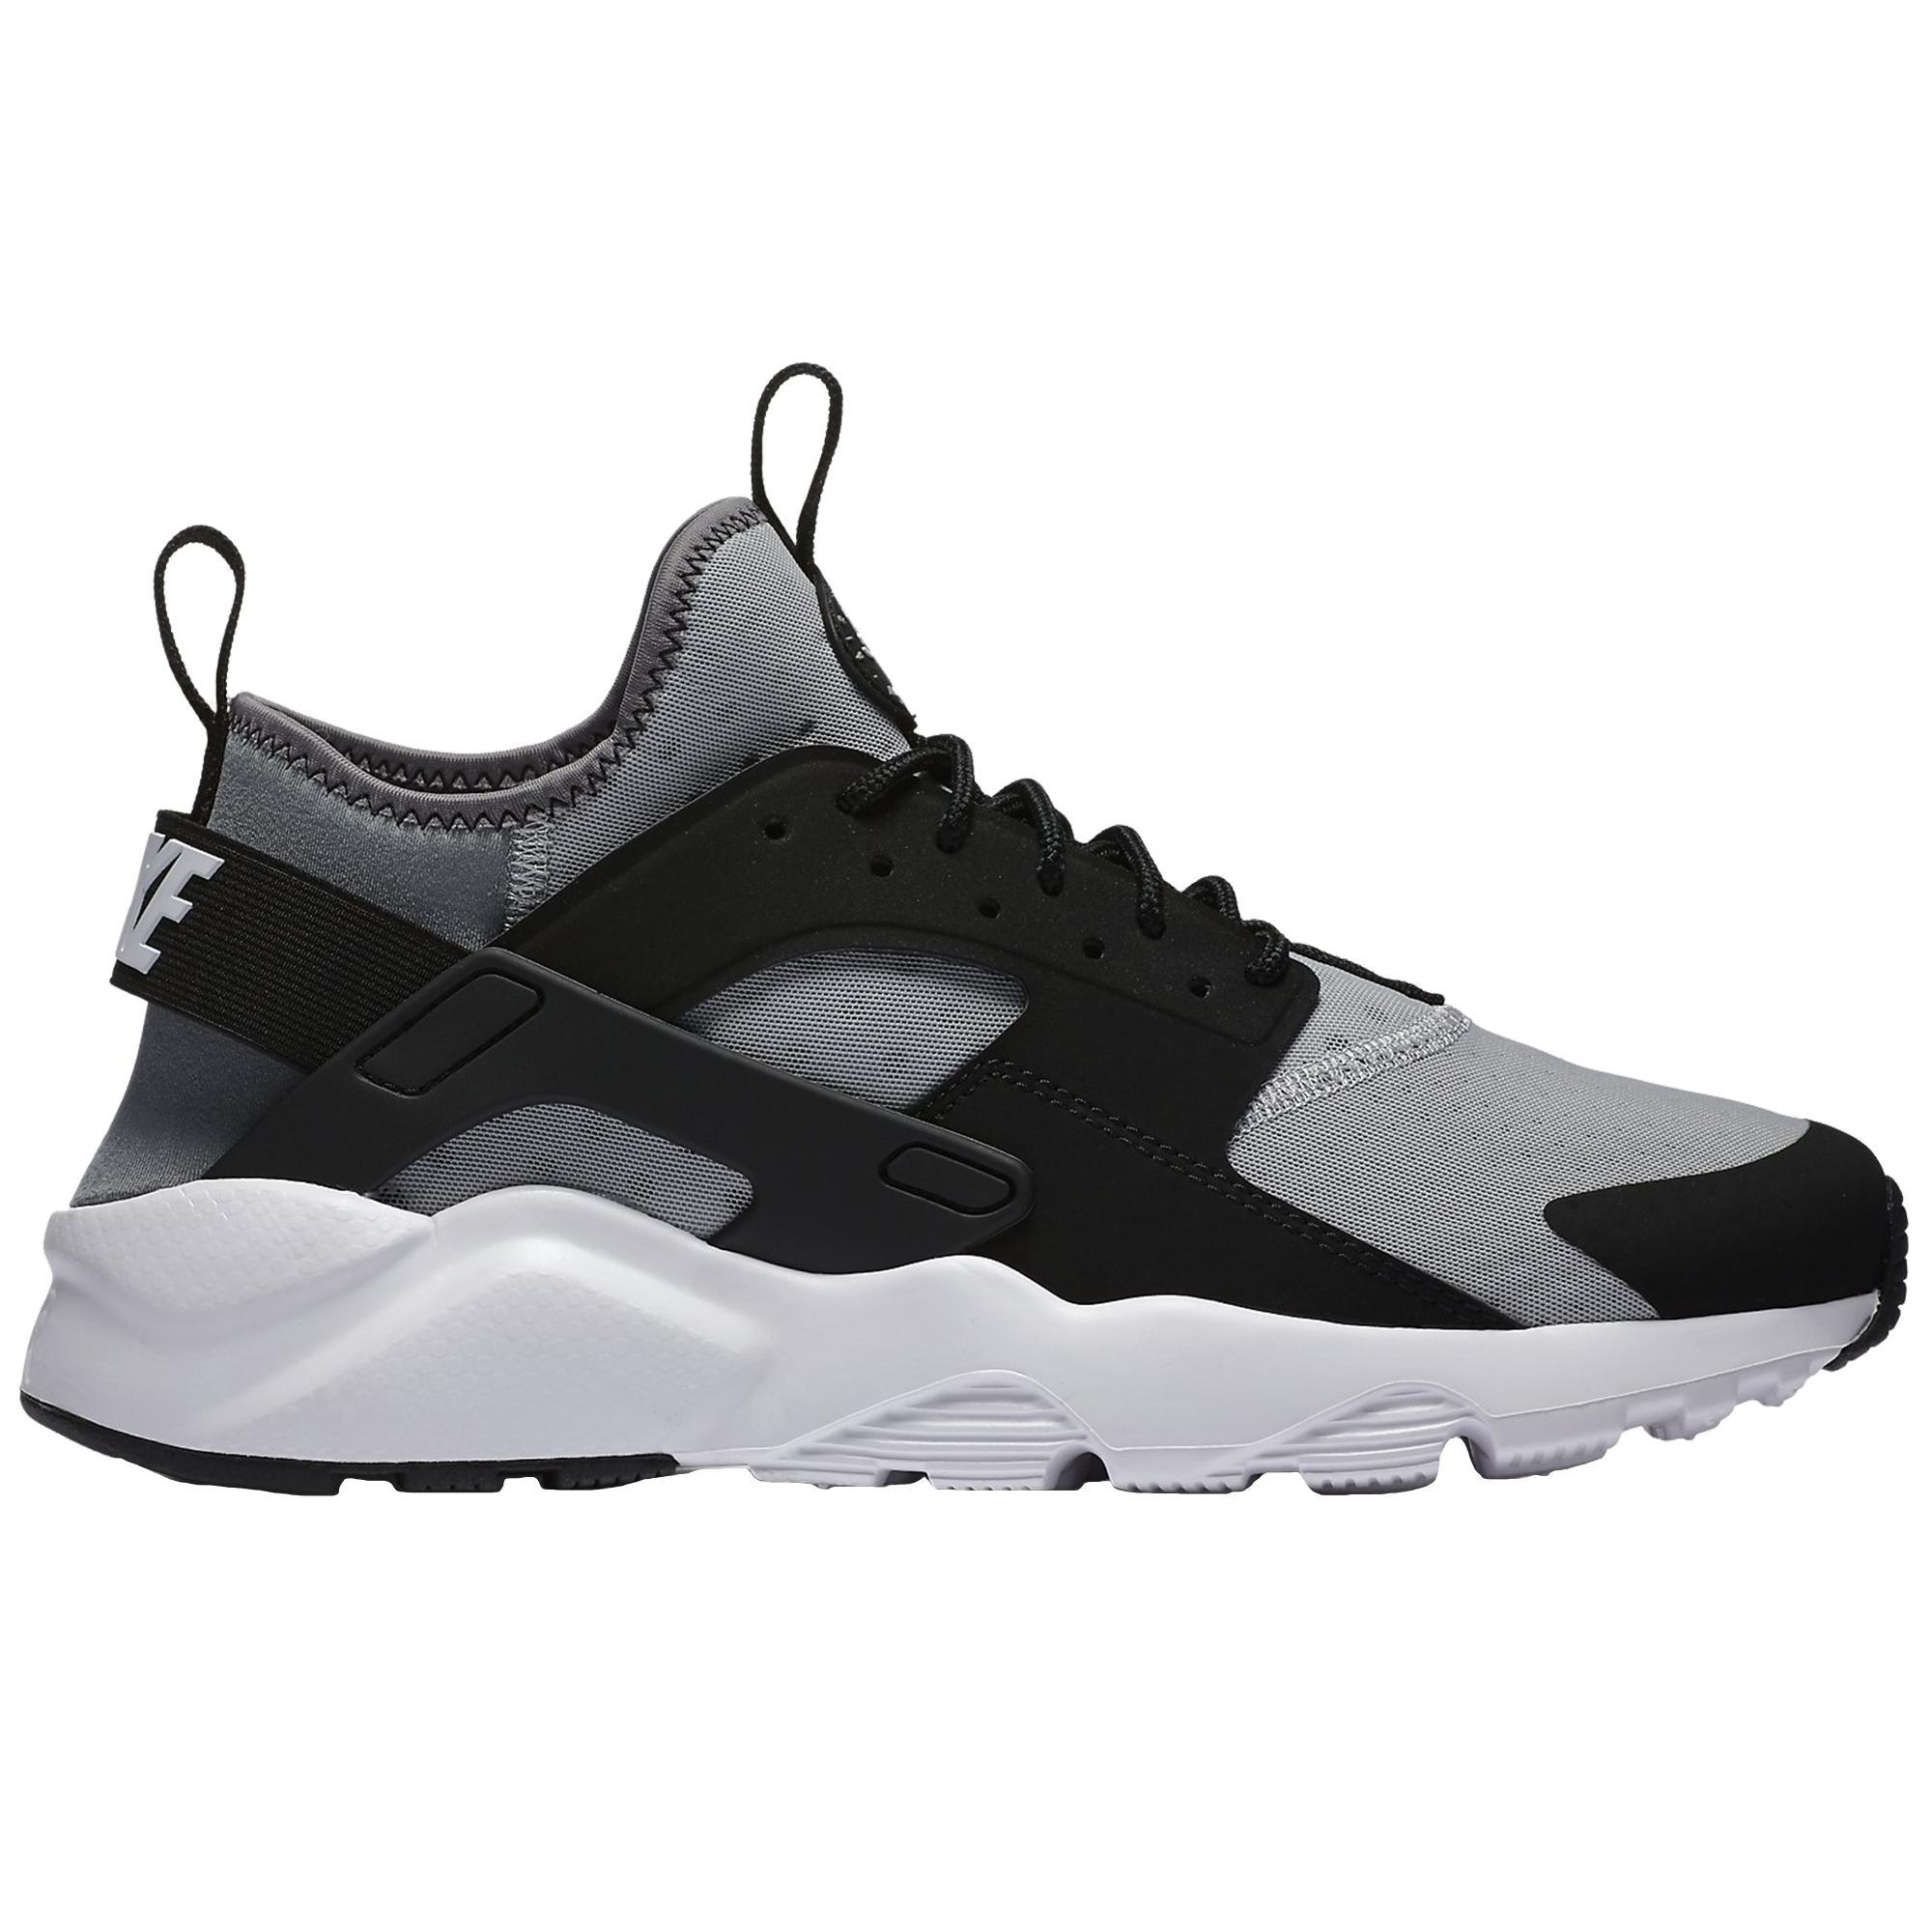 1f3b8def671eb Nike Air Huarache Run Ultra FW16 Erkek Spor Ayakkabı  819685-010 ...